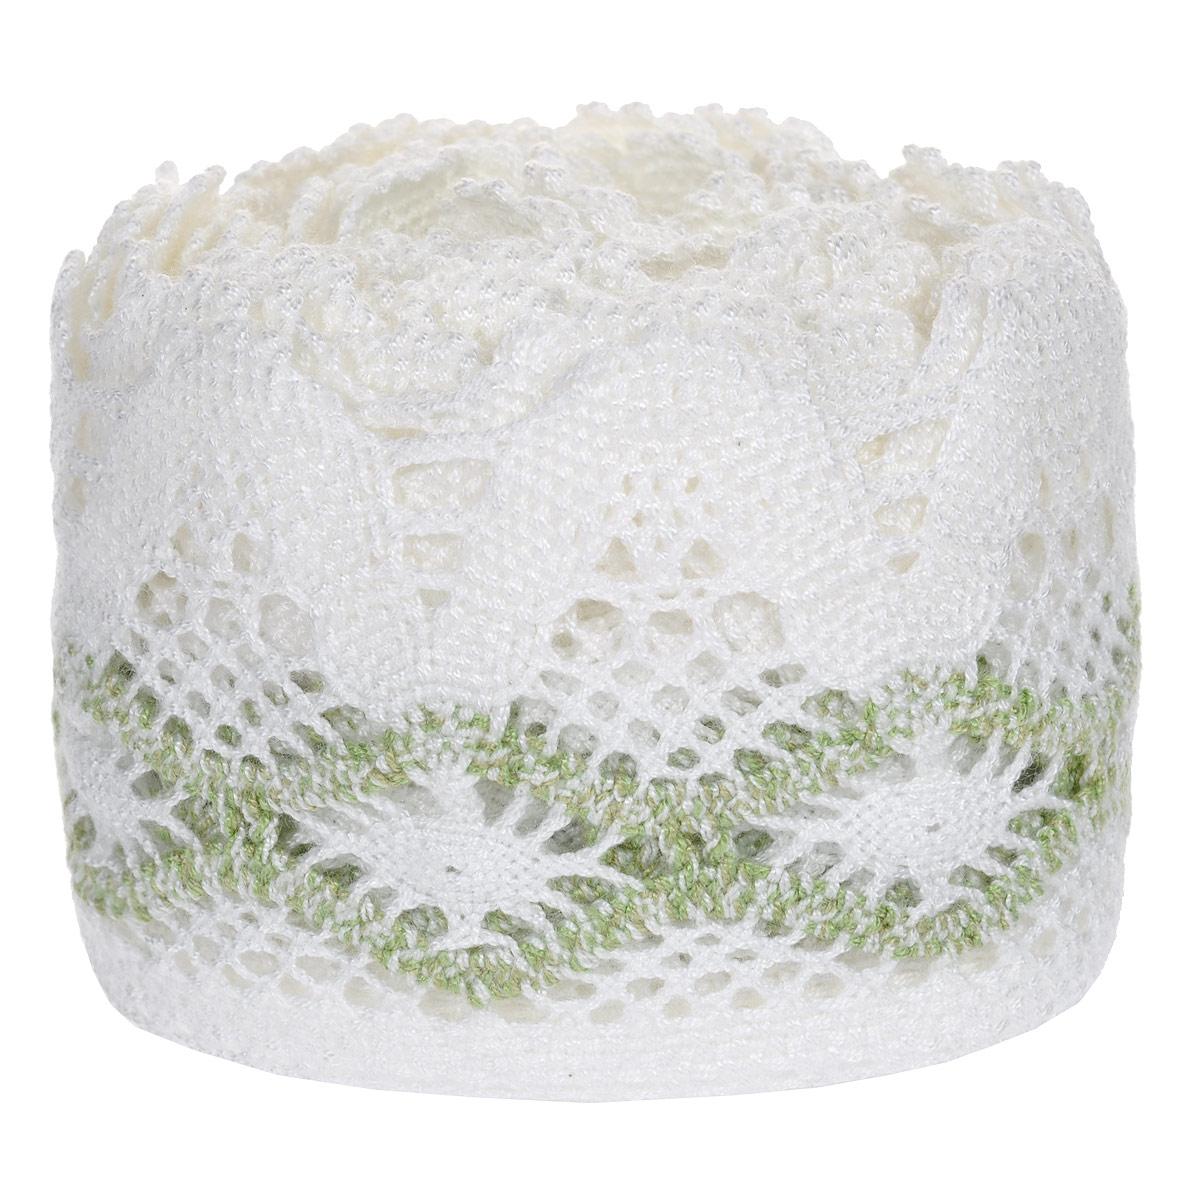 Тесьма вязаная Schaefer, ажурная, цвет: белый, зеленый, 5 м х 9 см. 2110032821100328Ажурная вязаная тесьма Schaefer - имитация ручного вязания крючком. Она изготовлена из высококачественного полиакрила. Благодаря классическому дизайну тесьмы вы можете использовать ее и в одежде и текстильных изделиях для дома.